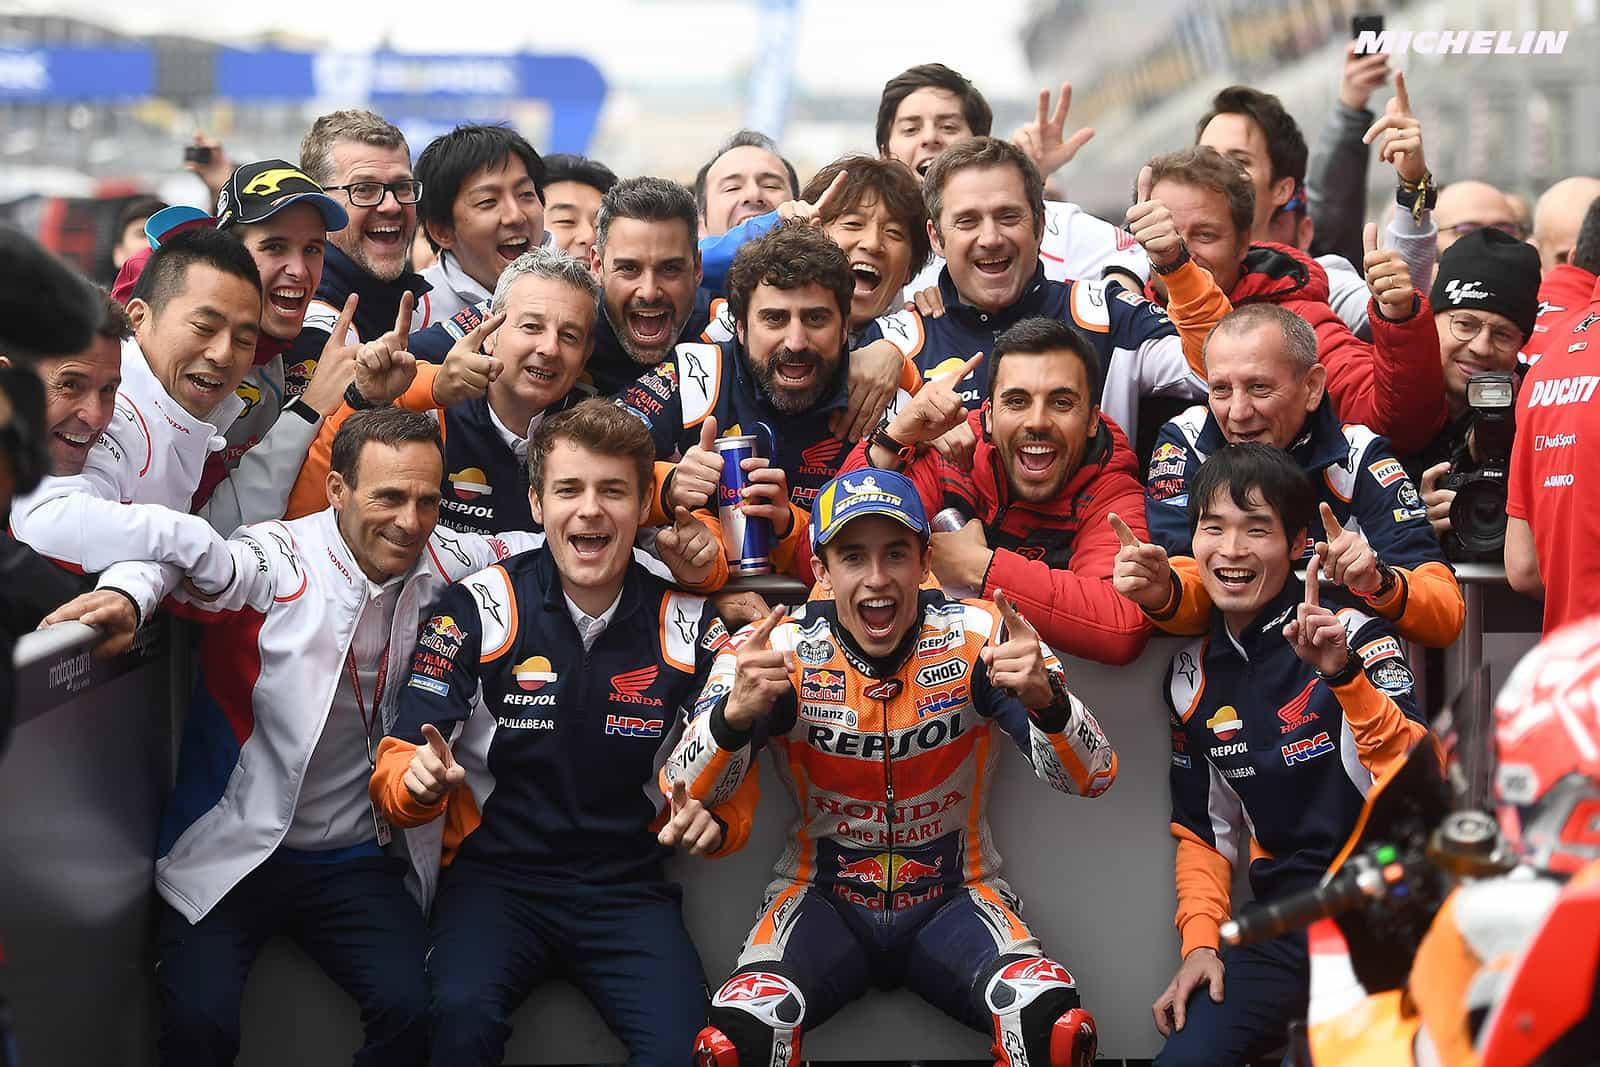 MotoGP2019フランスGP パルクフェルメコメント 優勝マルケス「Ducatiとヤマハが速いトラックで優勝出来て嬉しい」